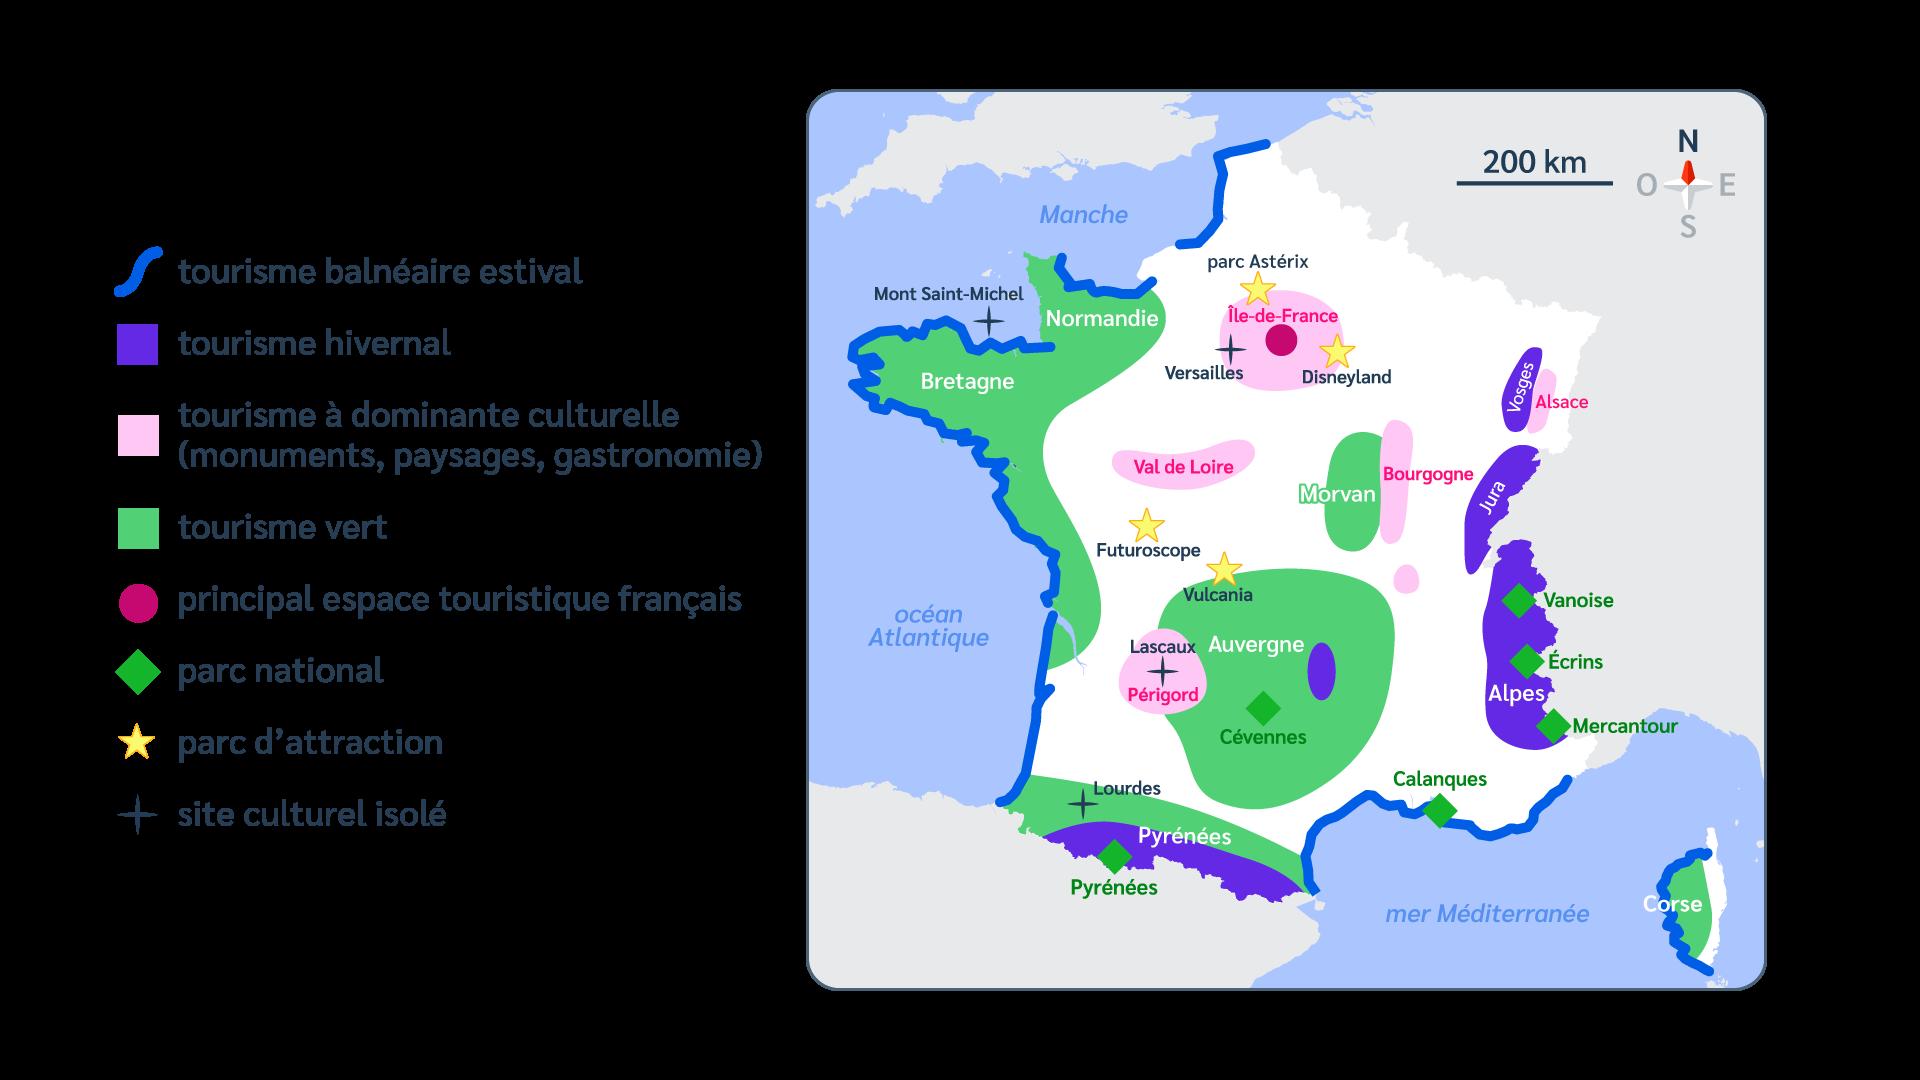 Carte - France - Tourisme - Parcs d'attraction - Parcs nationaux - SchoolMouv - Géographie - CM1